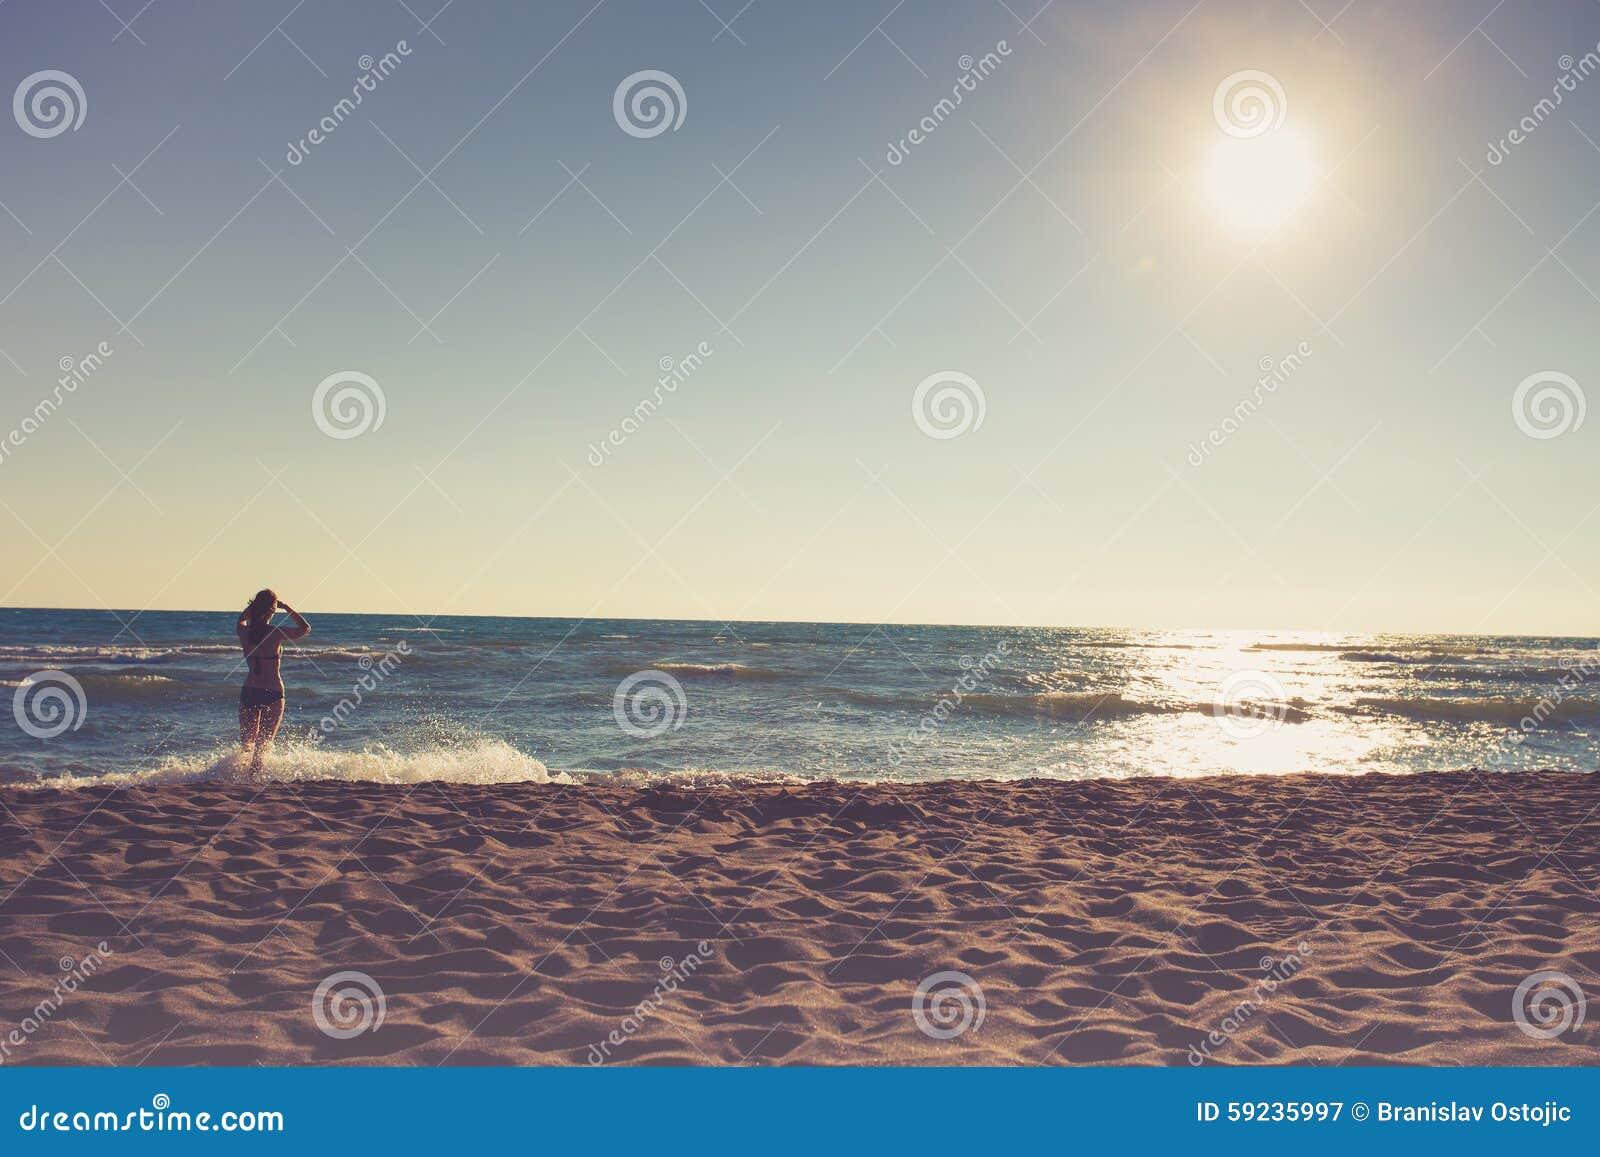 Download Mirada de horizonte imagen de archivo. Imagen de hembra - 59235997